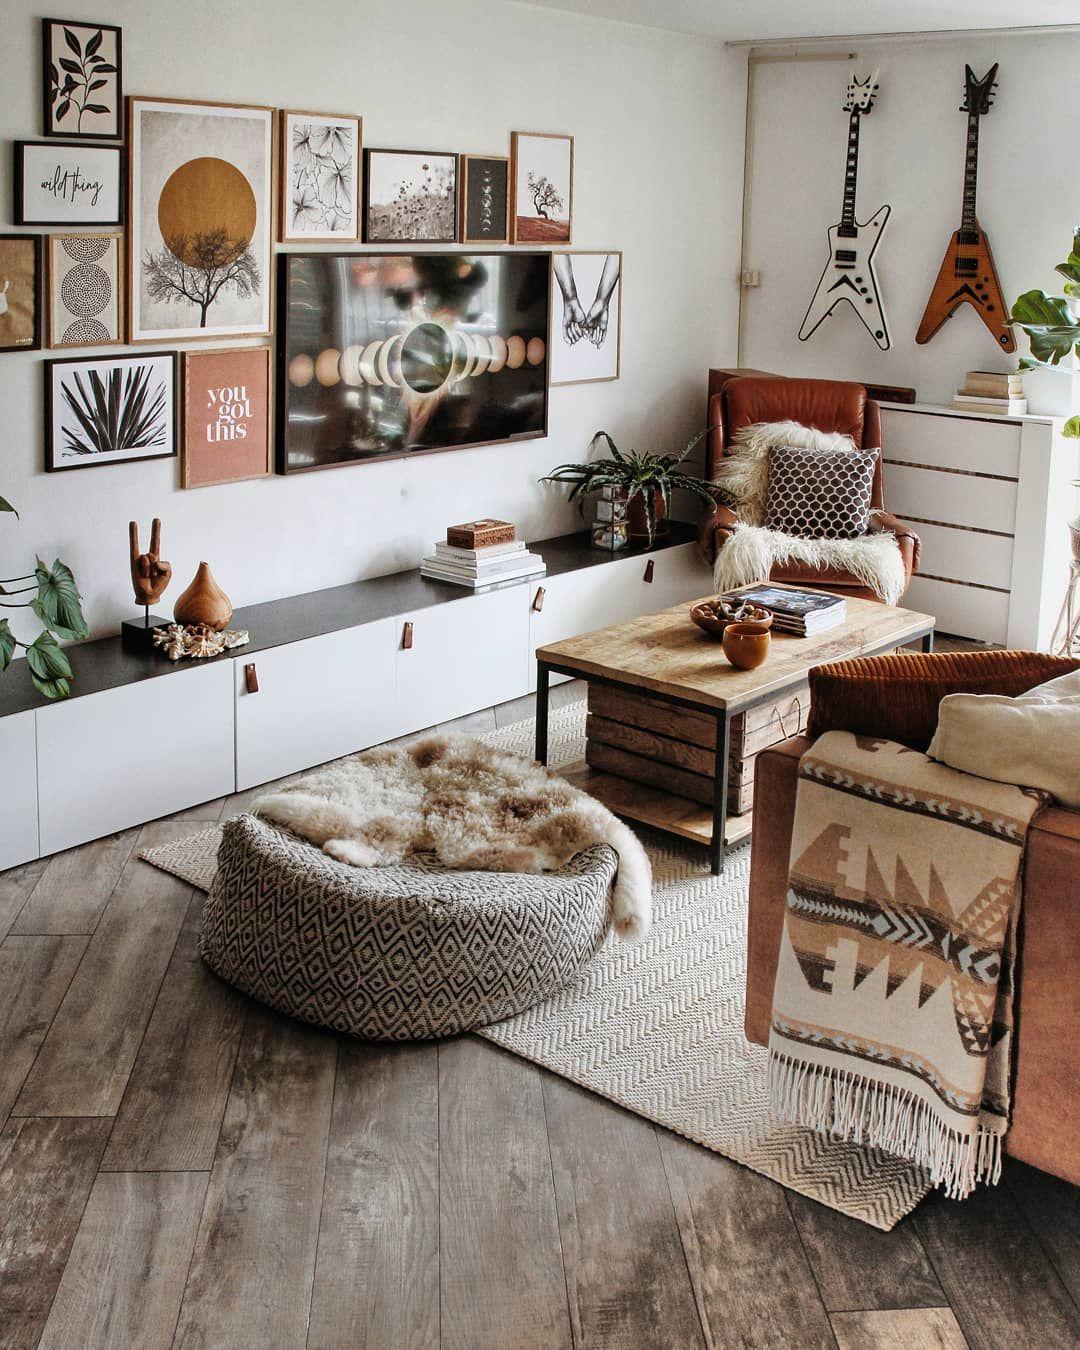 2 070 Curtidas 46 Comentários Tatjana Interior Lifestyle Tatjanas World No Instagram Goodmo Cozy Living Room Design Apartment Decor Boho Living Room